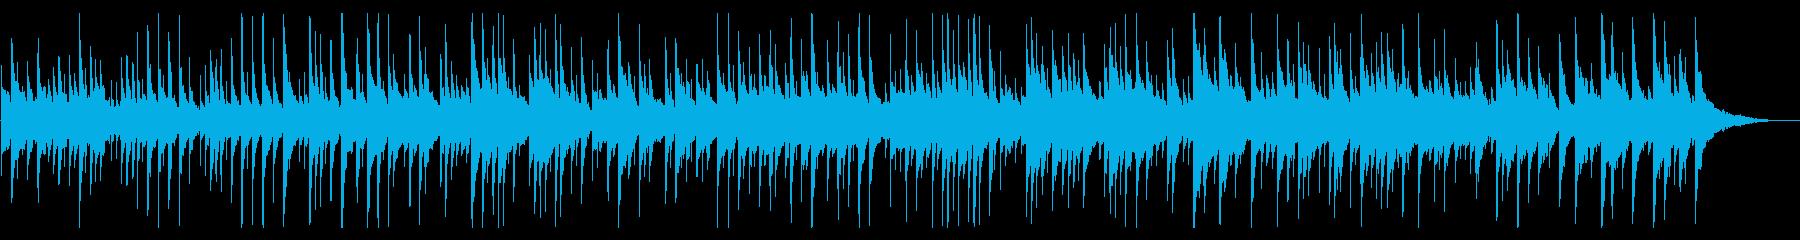 ✡不思議な話に合いそうな✡オルゴール★Bの再生済みの波形